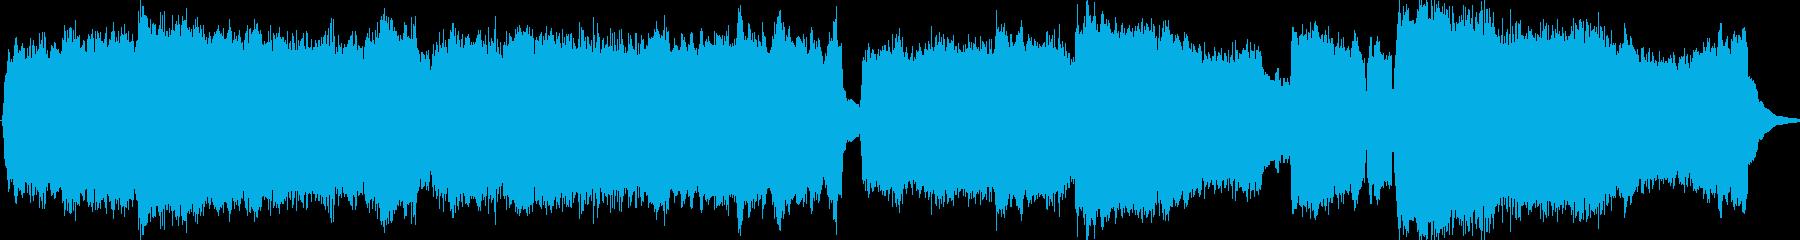 教会のオルガンの音を使った、前奏曲 は…の再生済みの波形